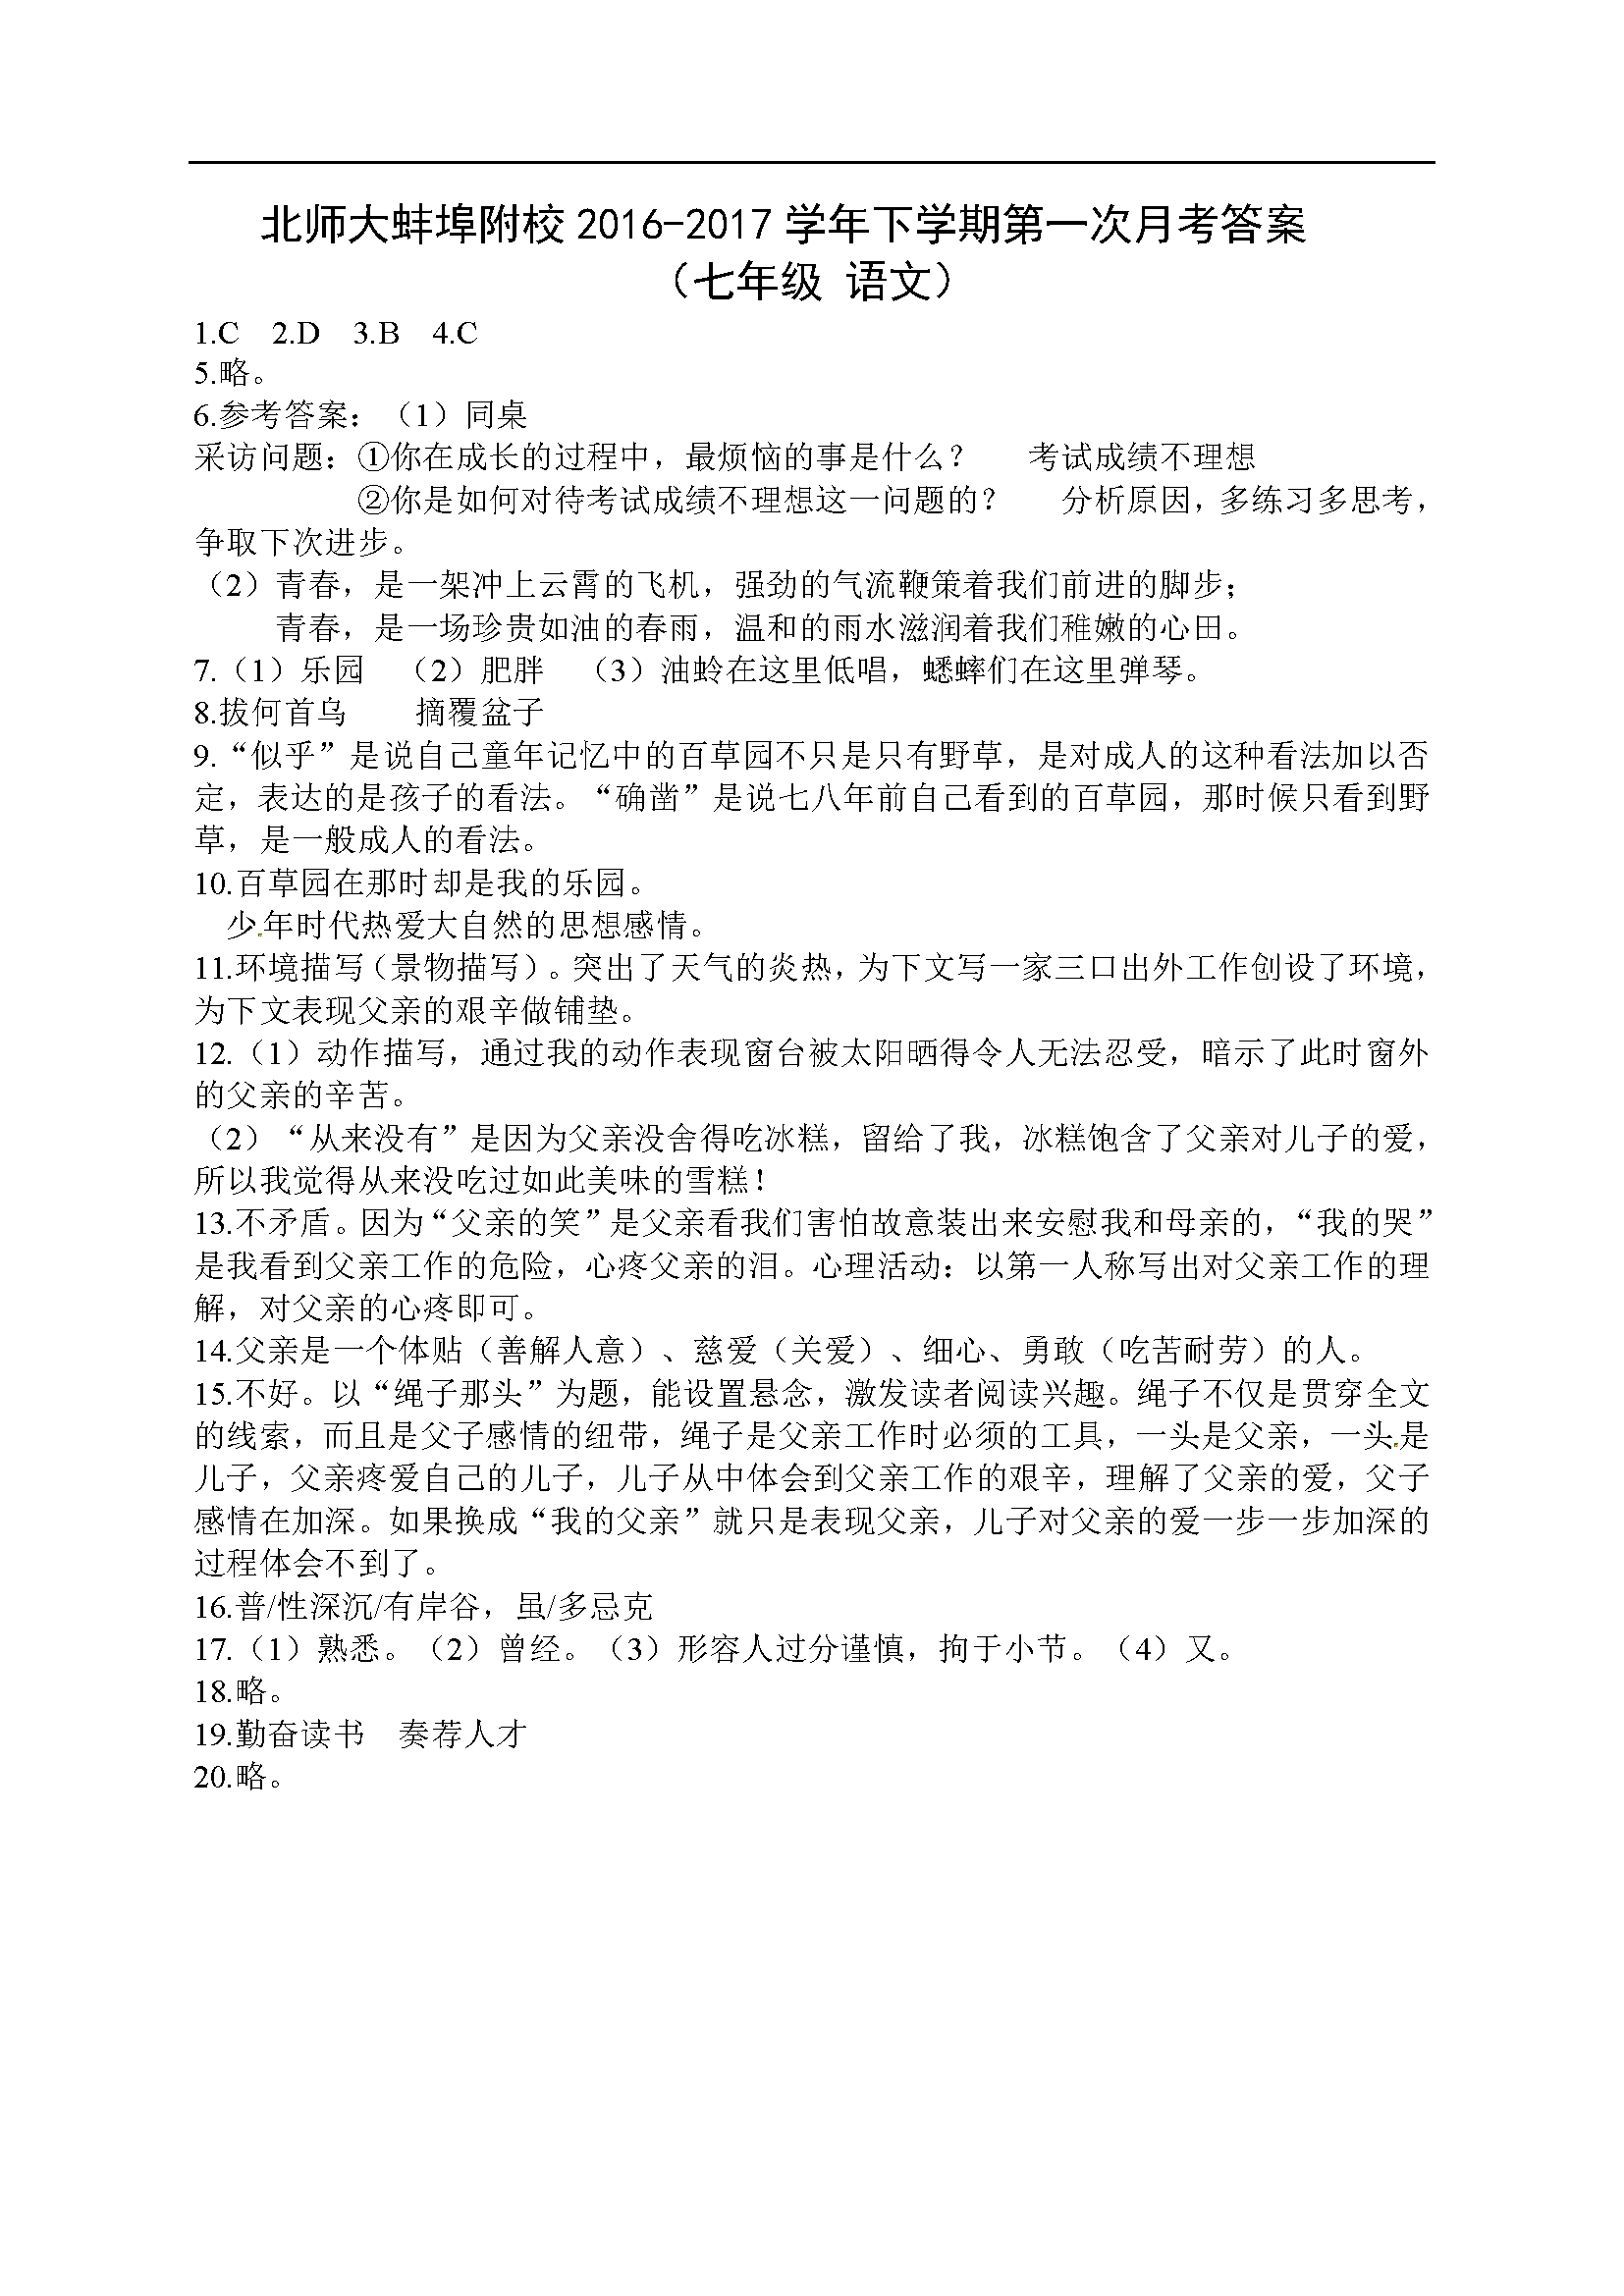 2017年北京师范大学蚌埠附属学校七年级下第一次月考语文试题答案(图片版)